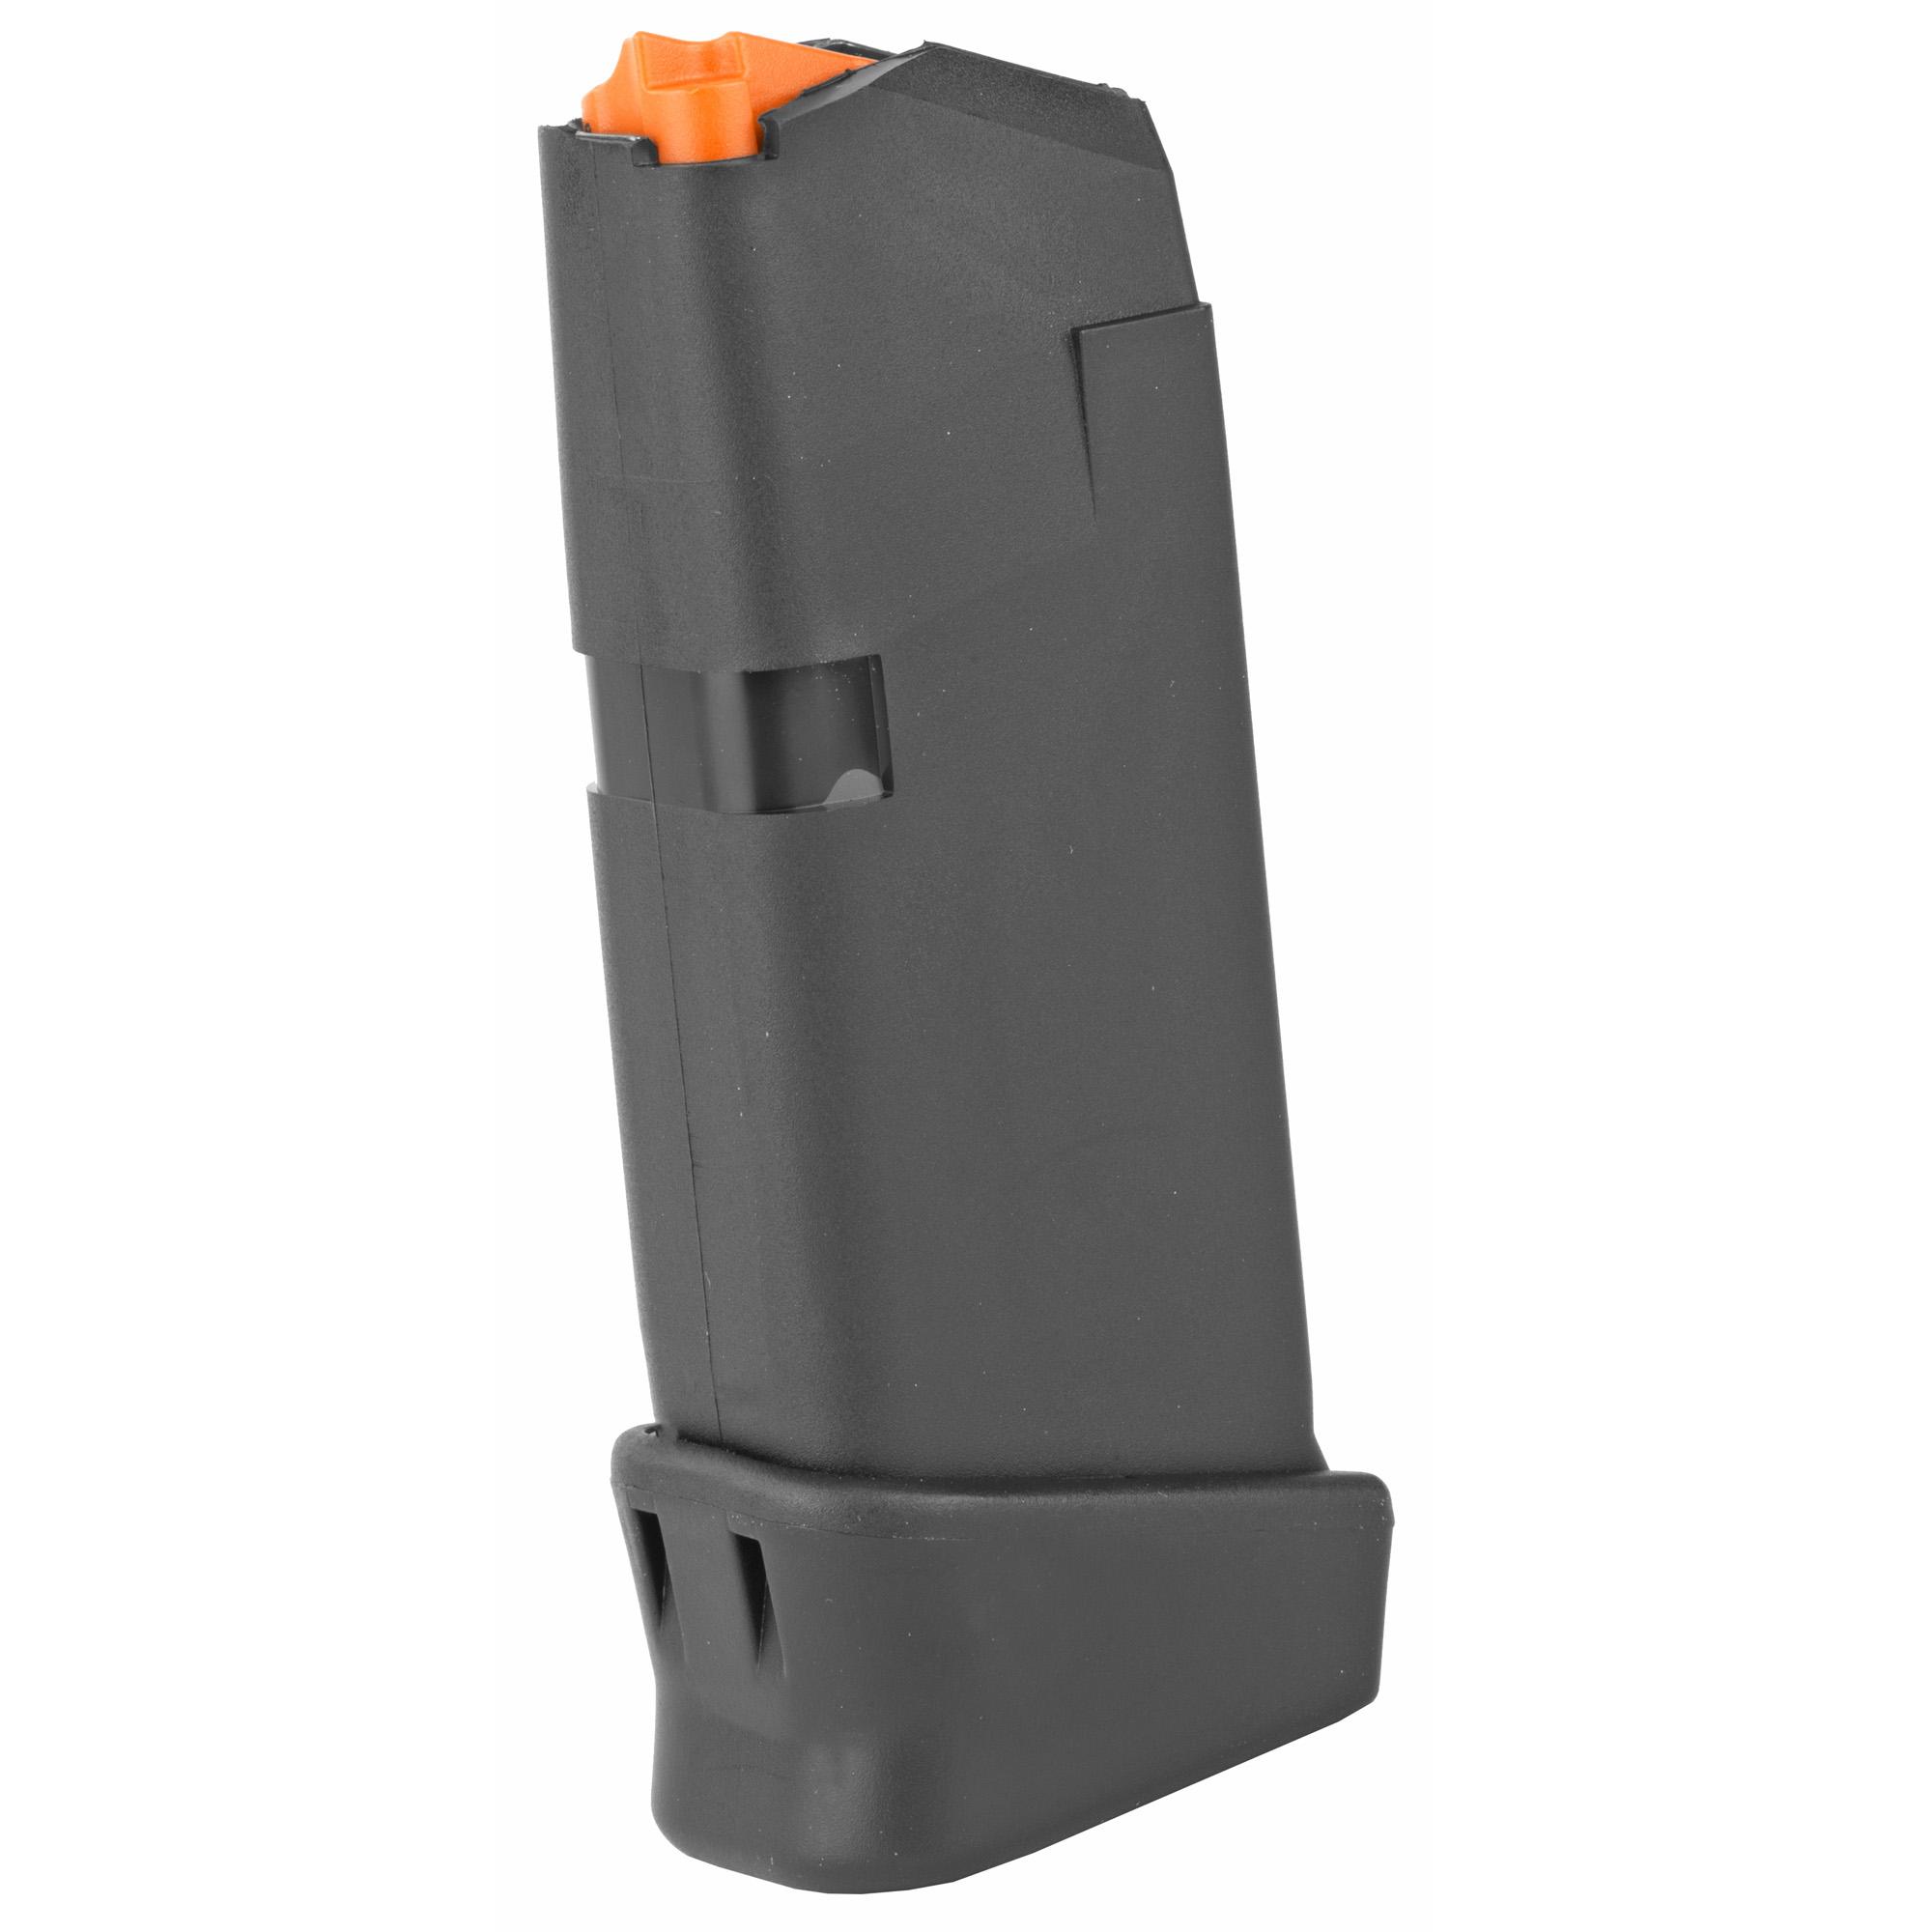 Glock 26 Gen5 9mm 12RD Magazine